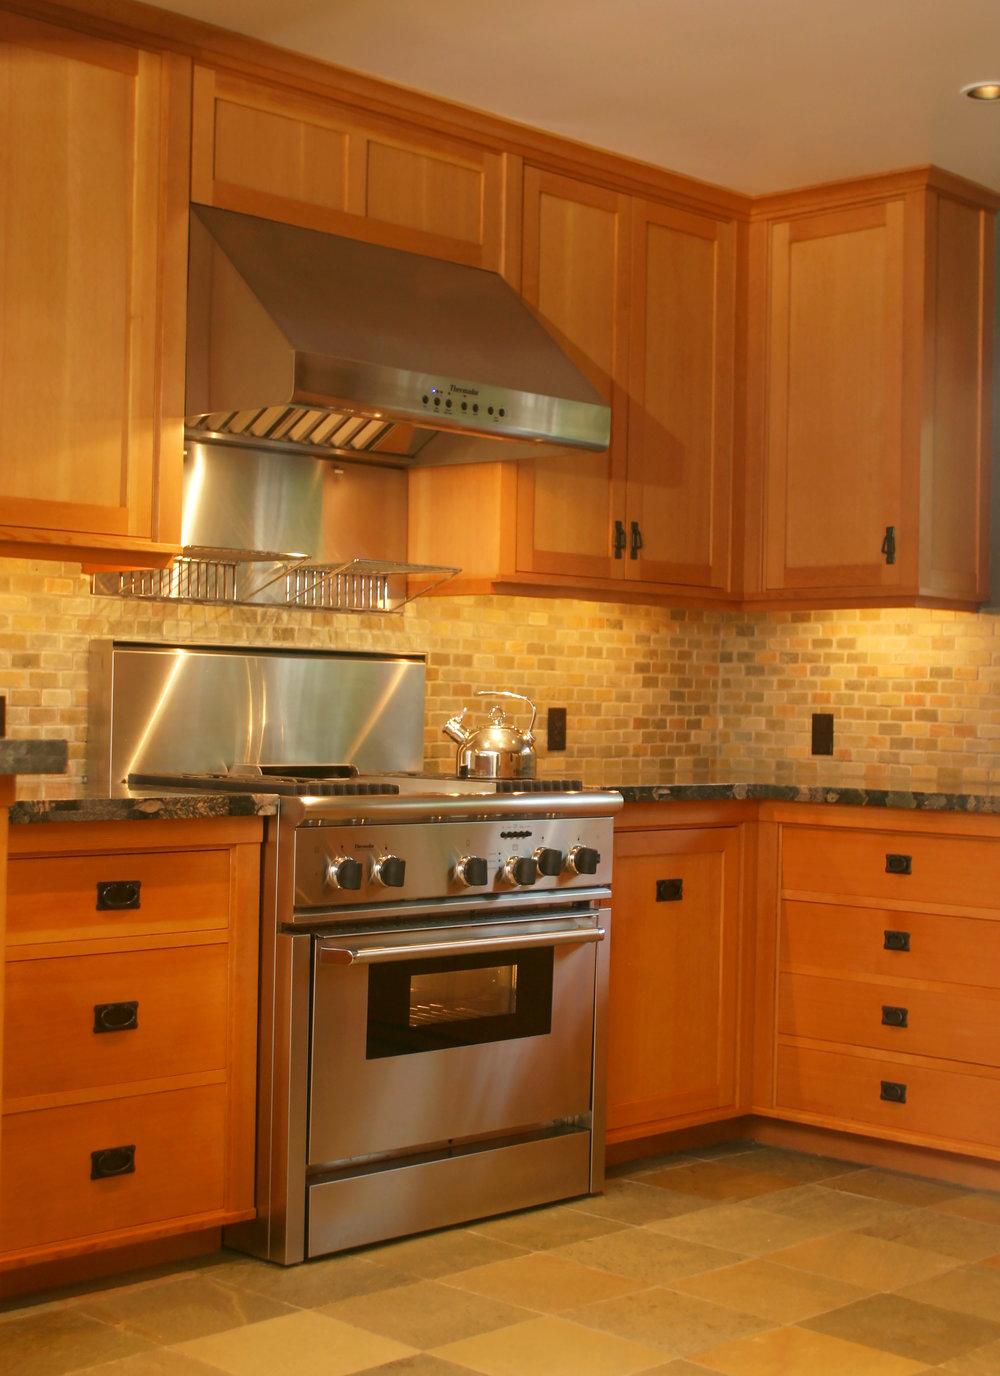 Honore-Cabinetry-custom-kitchen-douglas-fir-art-crafts-2.jpg